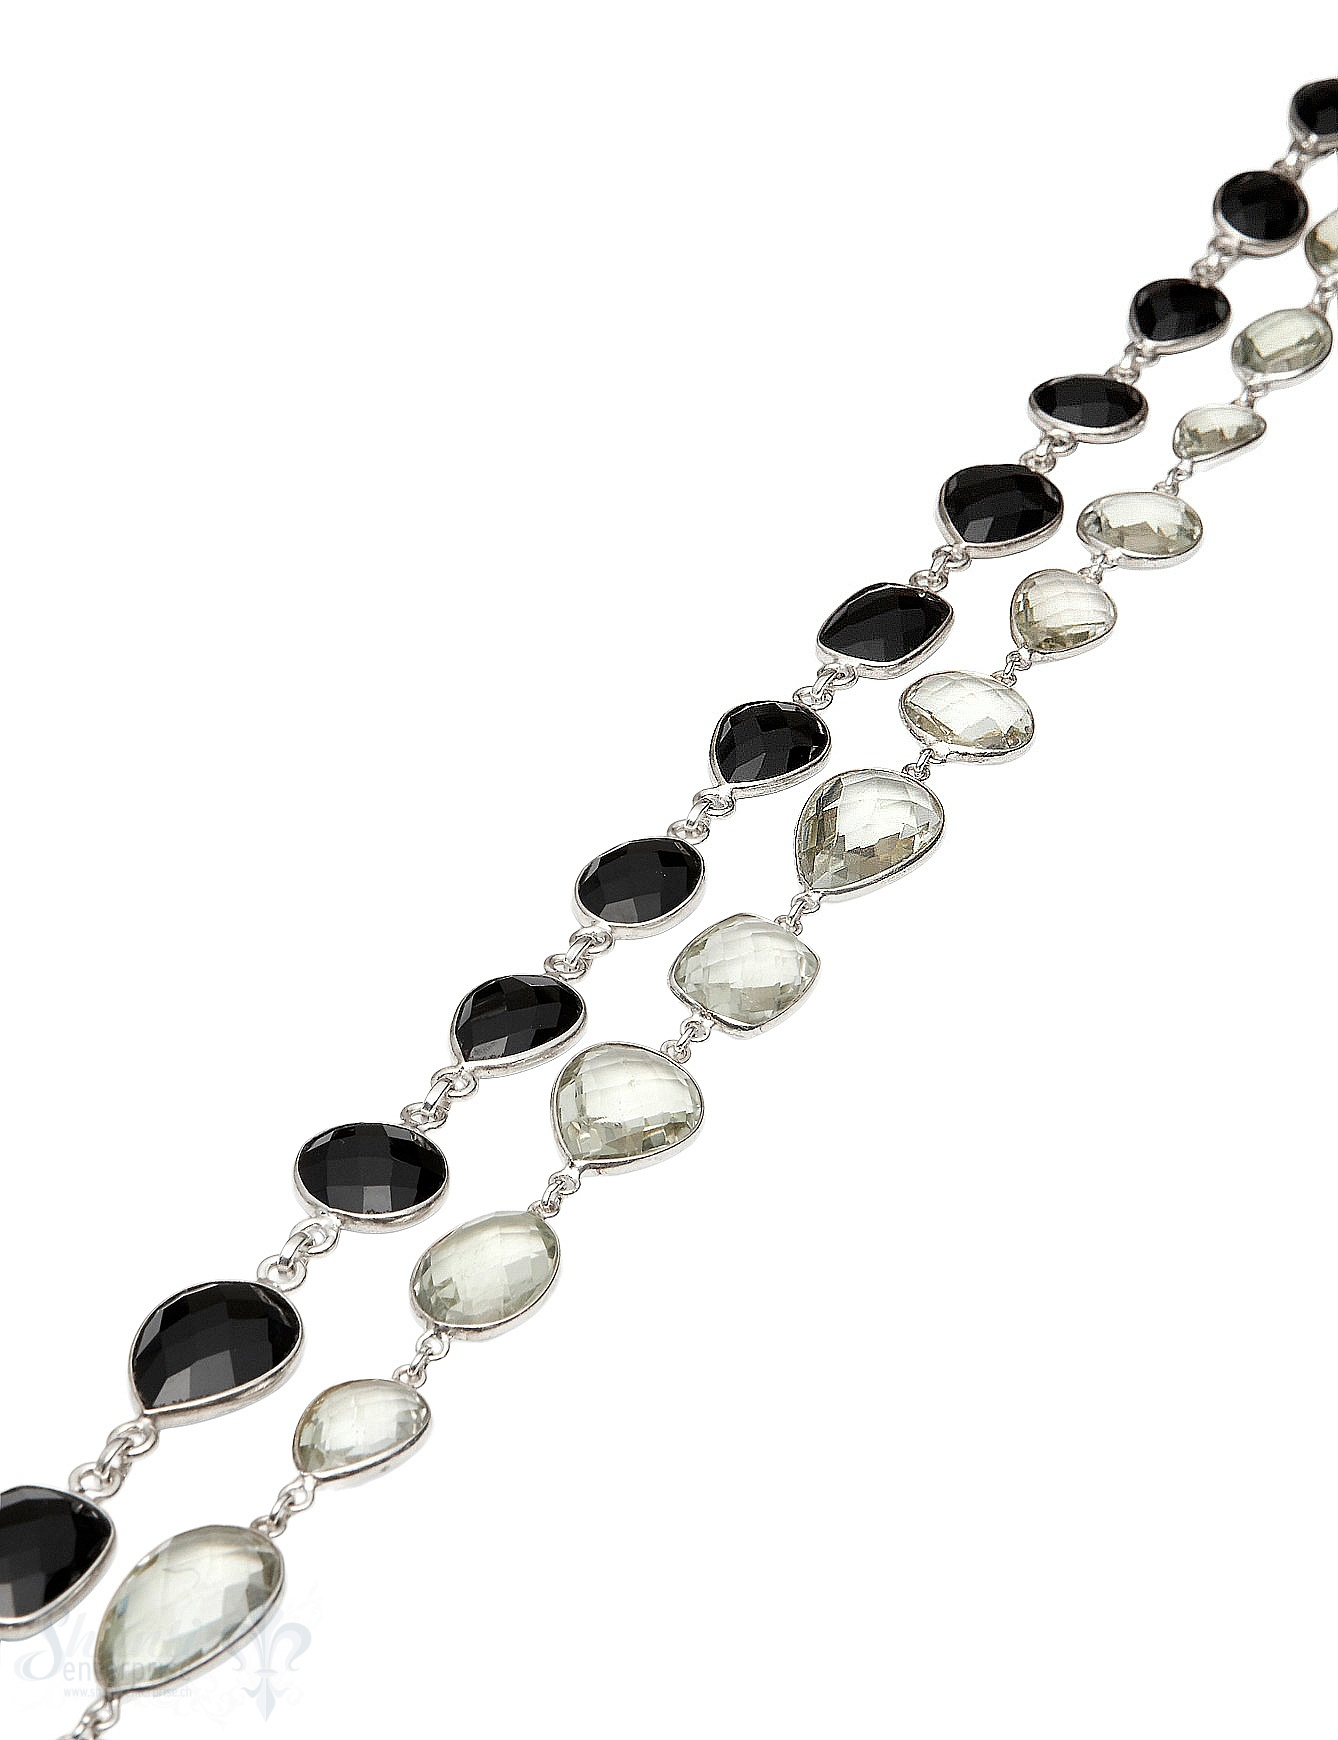 Silberkette gefasst Steinen diverse Form en facettiert Silber 925 Breite ca. 13 mm Abschnittlänge wird angepasst Preis per m 2.08